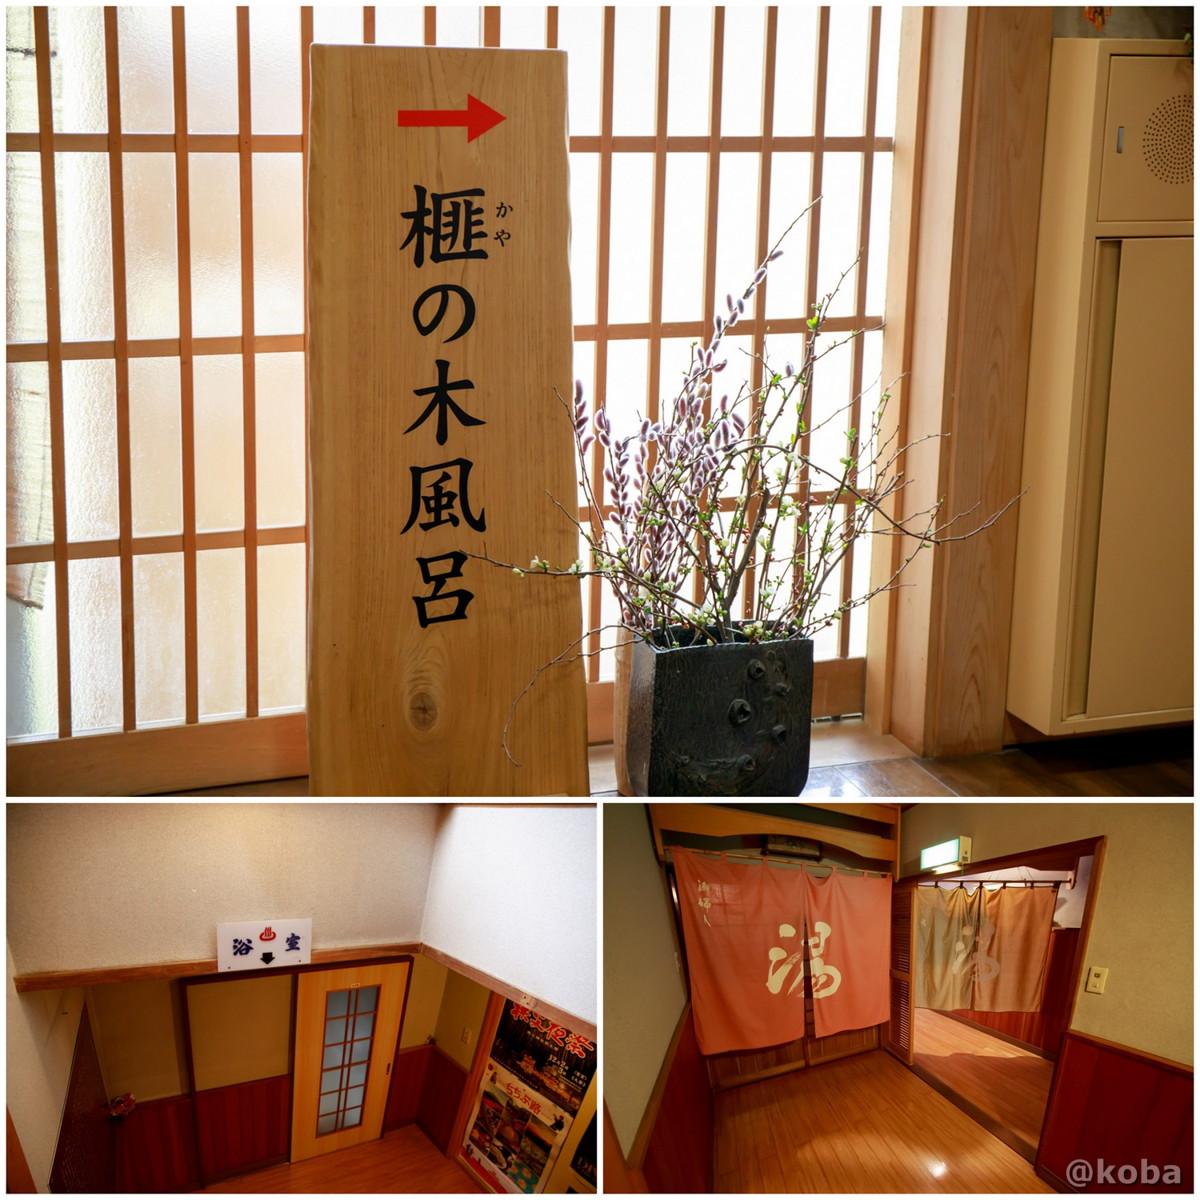 廊下│柴原温泉 かやの家(しばはらおんせん かやのや)│日本秘湯を守る会会員の宿│埼玉県秩父郡│こばフォトブログ@koba